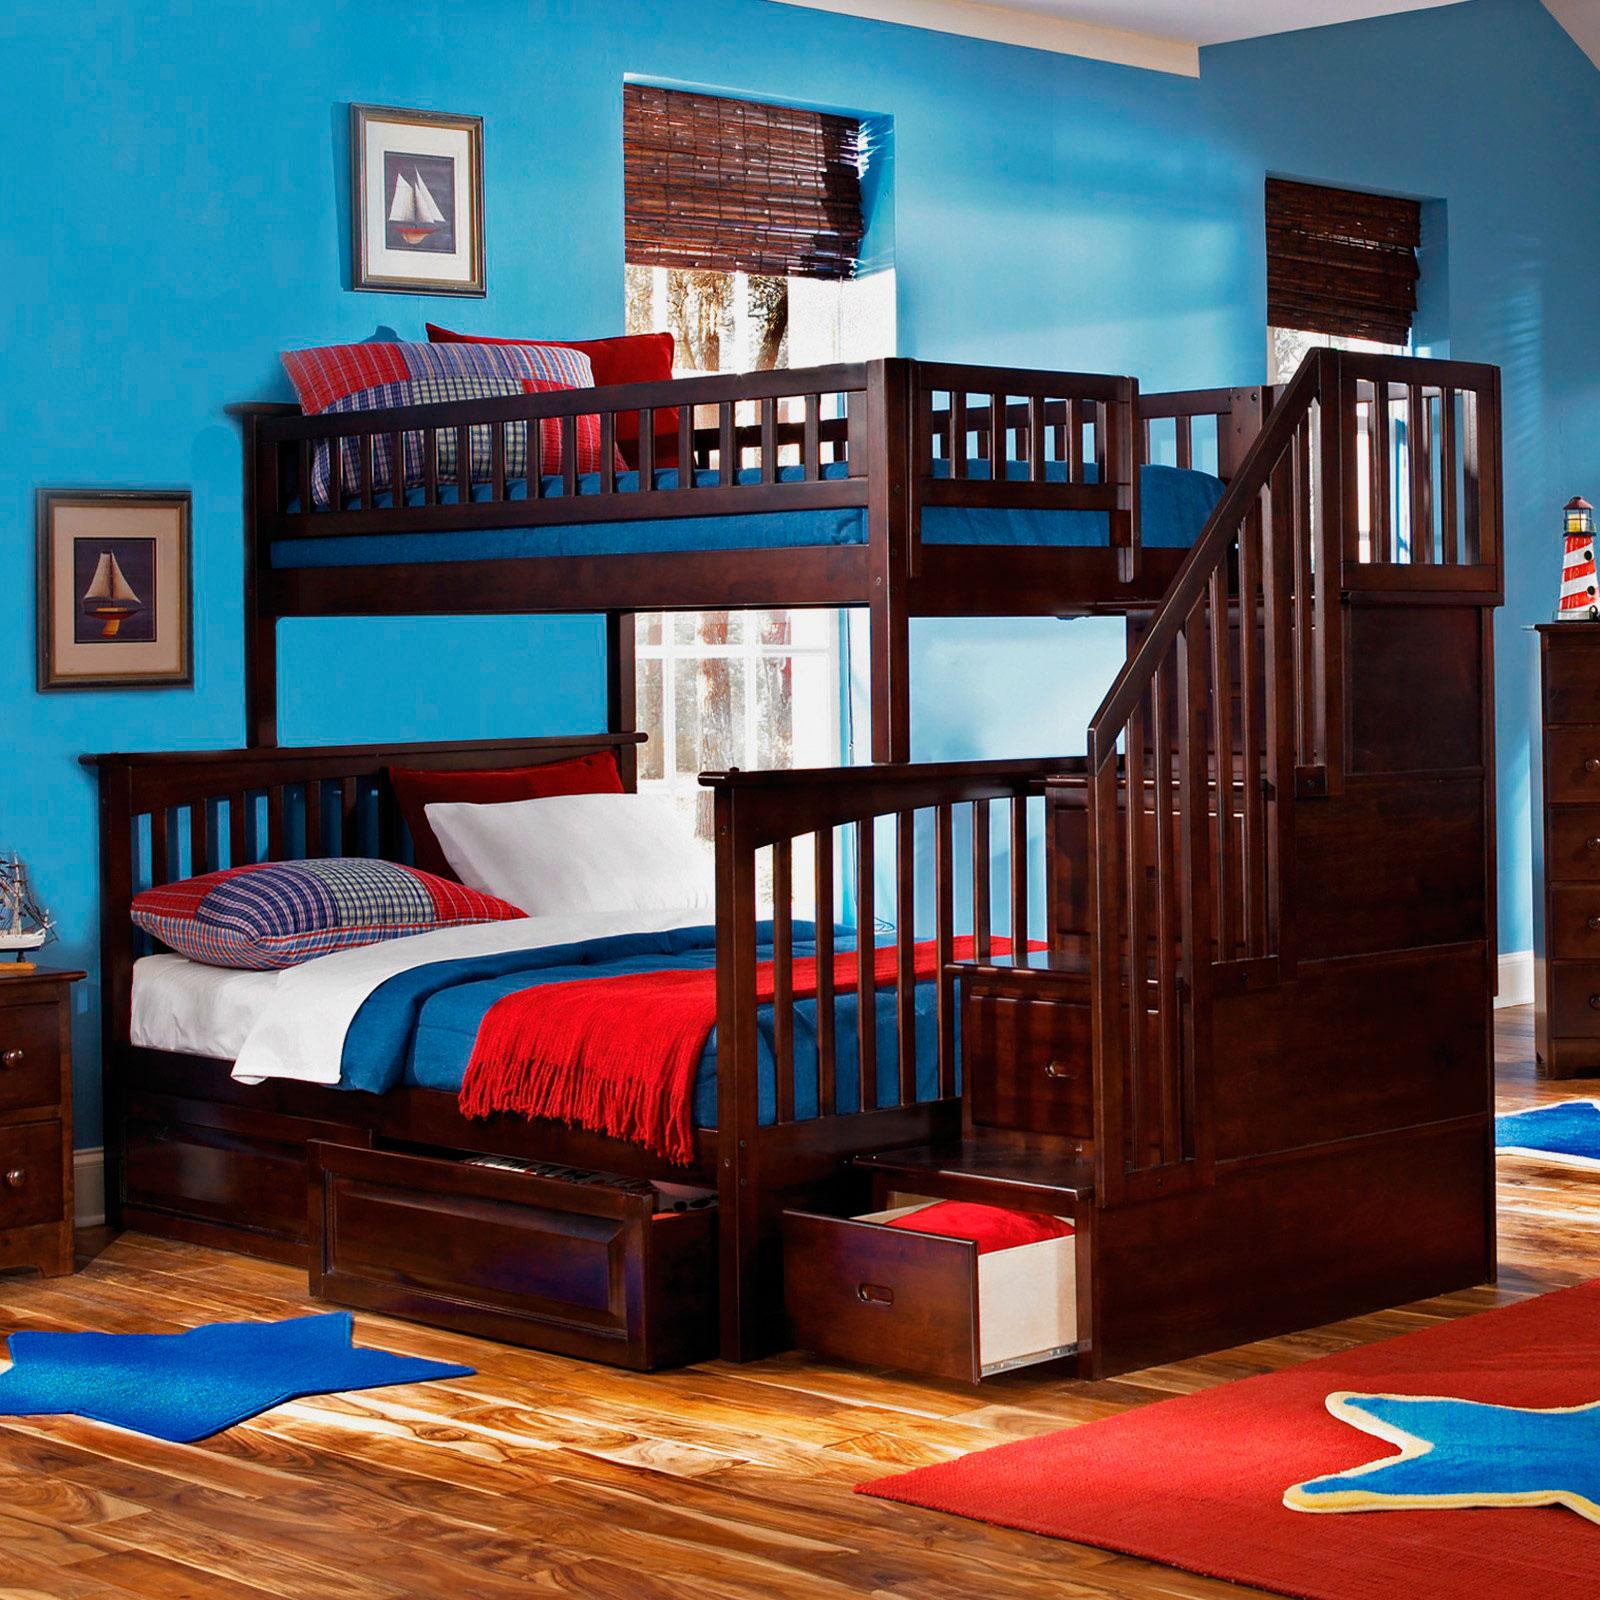 Двухъярусная кровать для взрослых (28)